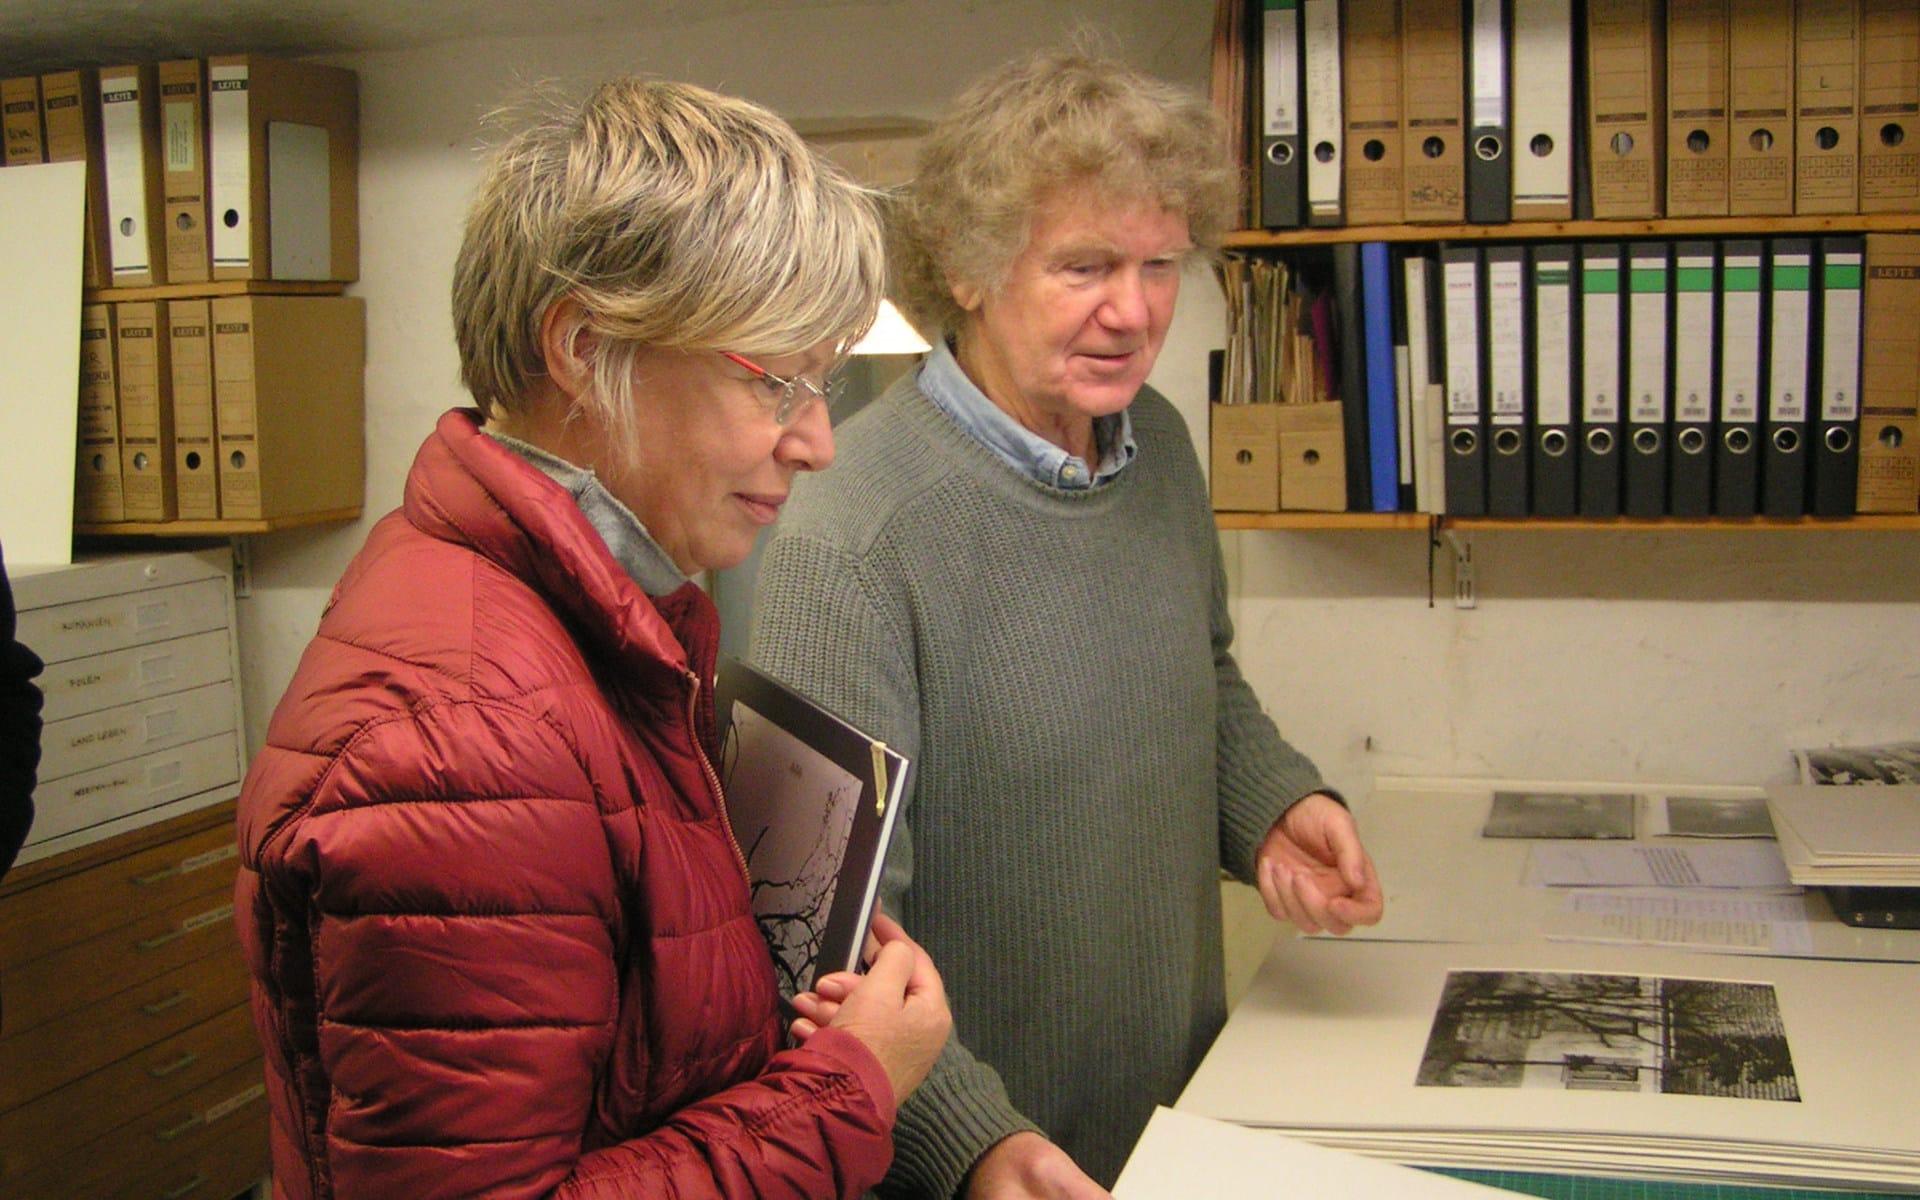 Kunsttour Stechlin - Jürgen Graetz im Atelier zeigt einem Gast seine Bilder